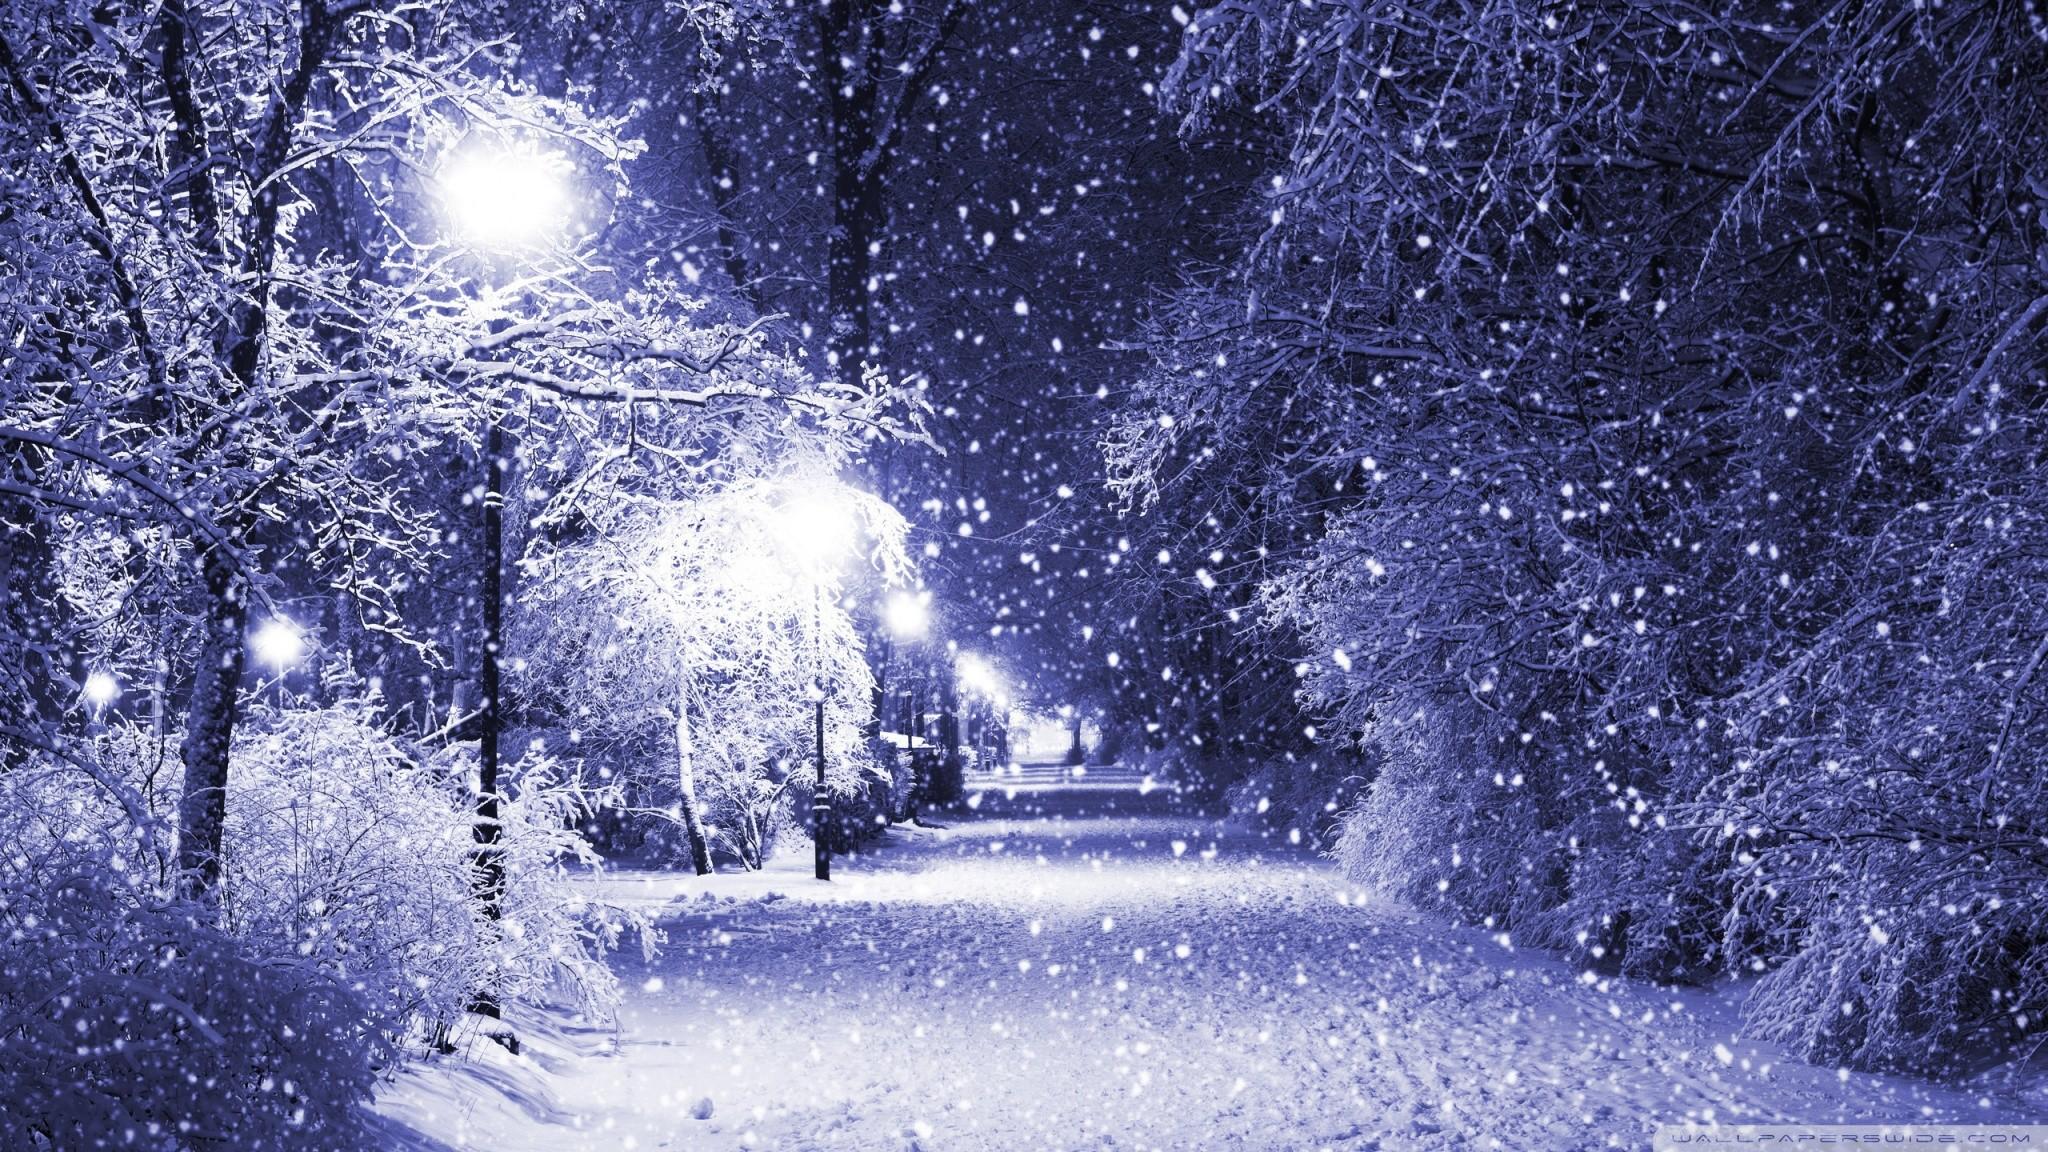 Best 25+ Winter wallpaper hd ideas only on Pinterest   Winter wallpapers,  Winter iphone wallpaper and Screensaver